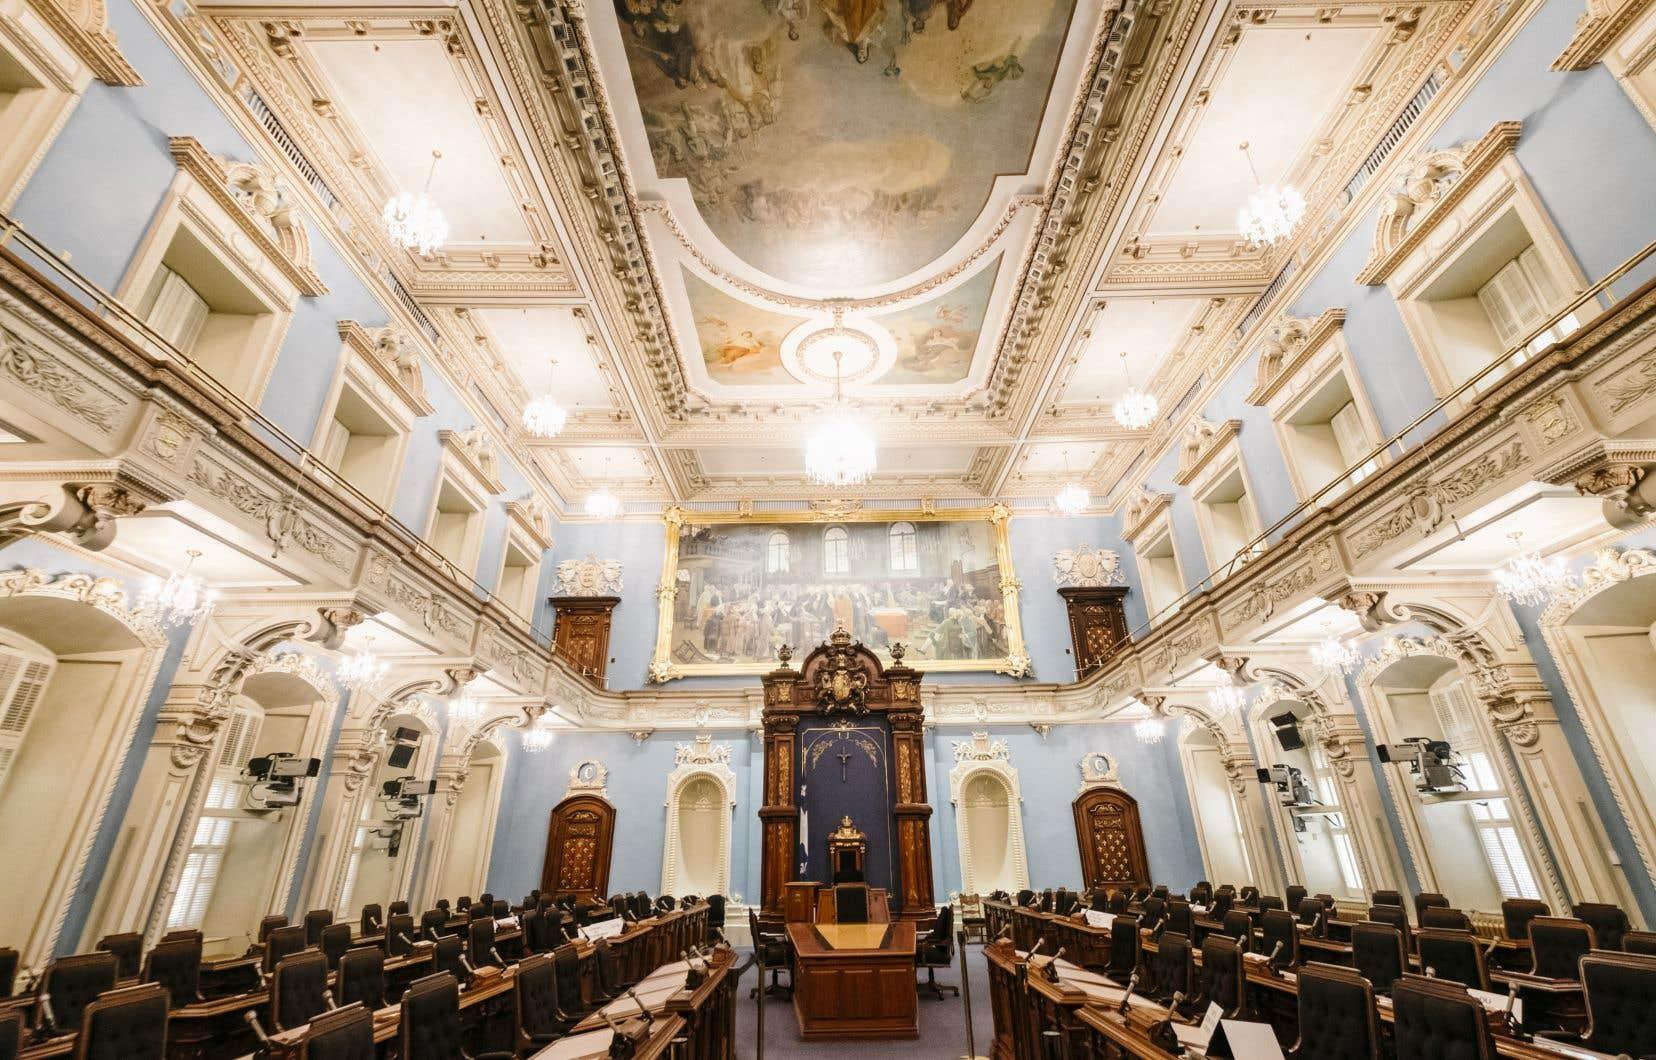 Les membres du gouvernement sont attendus jeudi, sur le coup de 9h, pour une courte séance du Conseil des ministres, après quoi M.Couillard priera le vice-roi de procéder à la dissolution de l'Assemblée nationale.